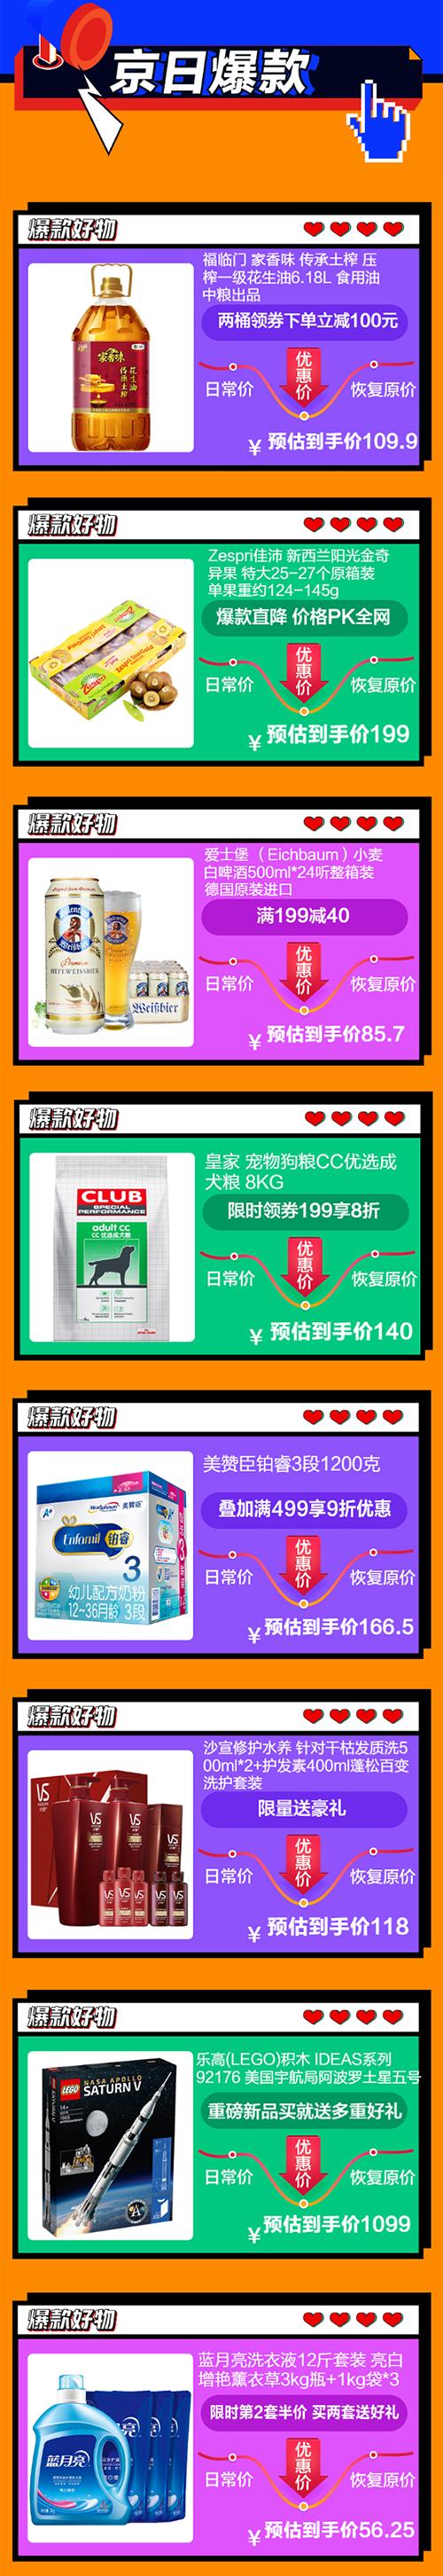 11.11超级夜开胃菜 京东超市京日爆料提前上桌了!